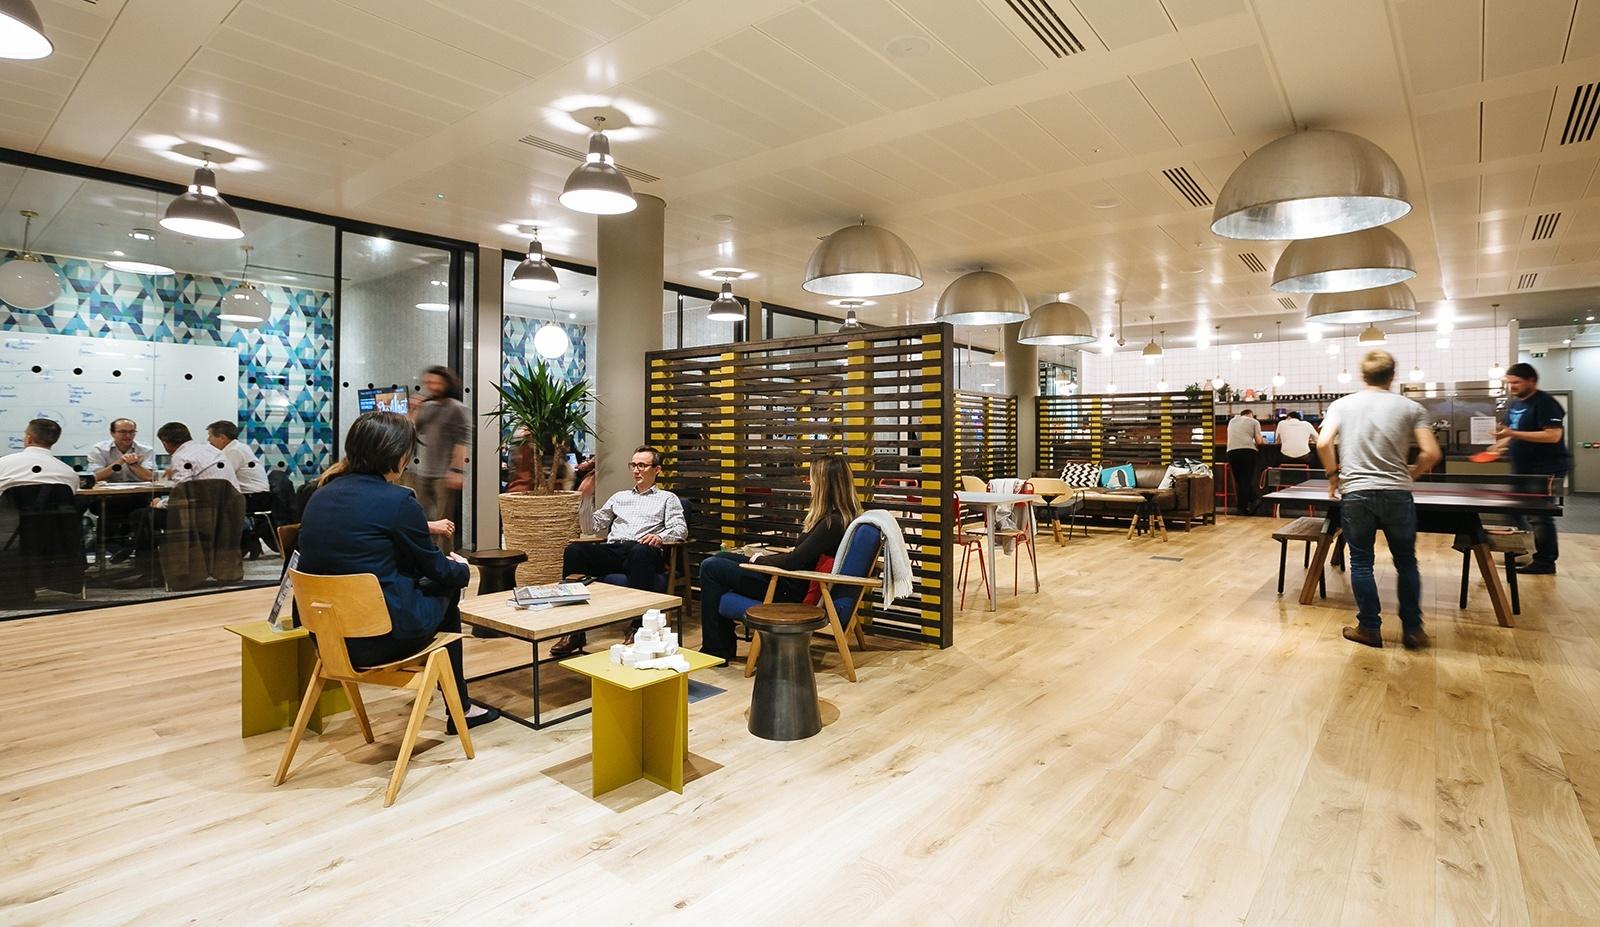 wework-moorgate-13 - A Look Inside WeWork's Moorgate Coworking Space